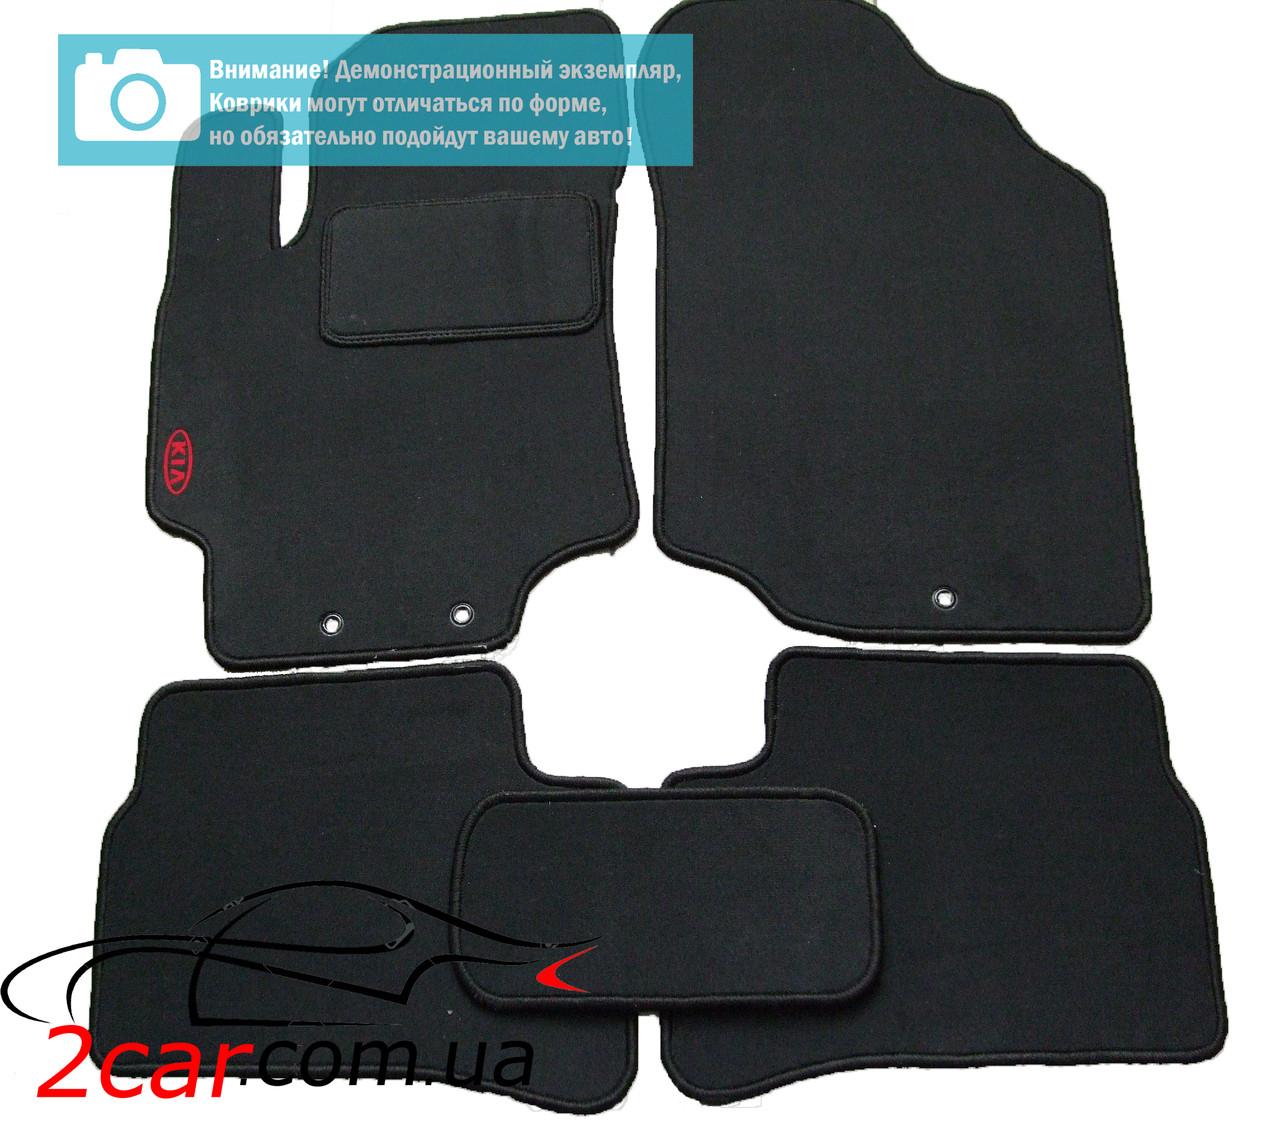 Текстильные коврики в салон для Mazda 6 (2007-2012) (чёрный) (Stingray